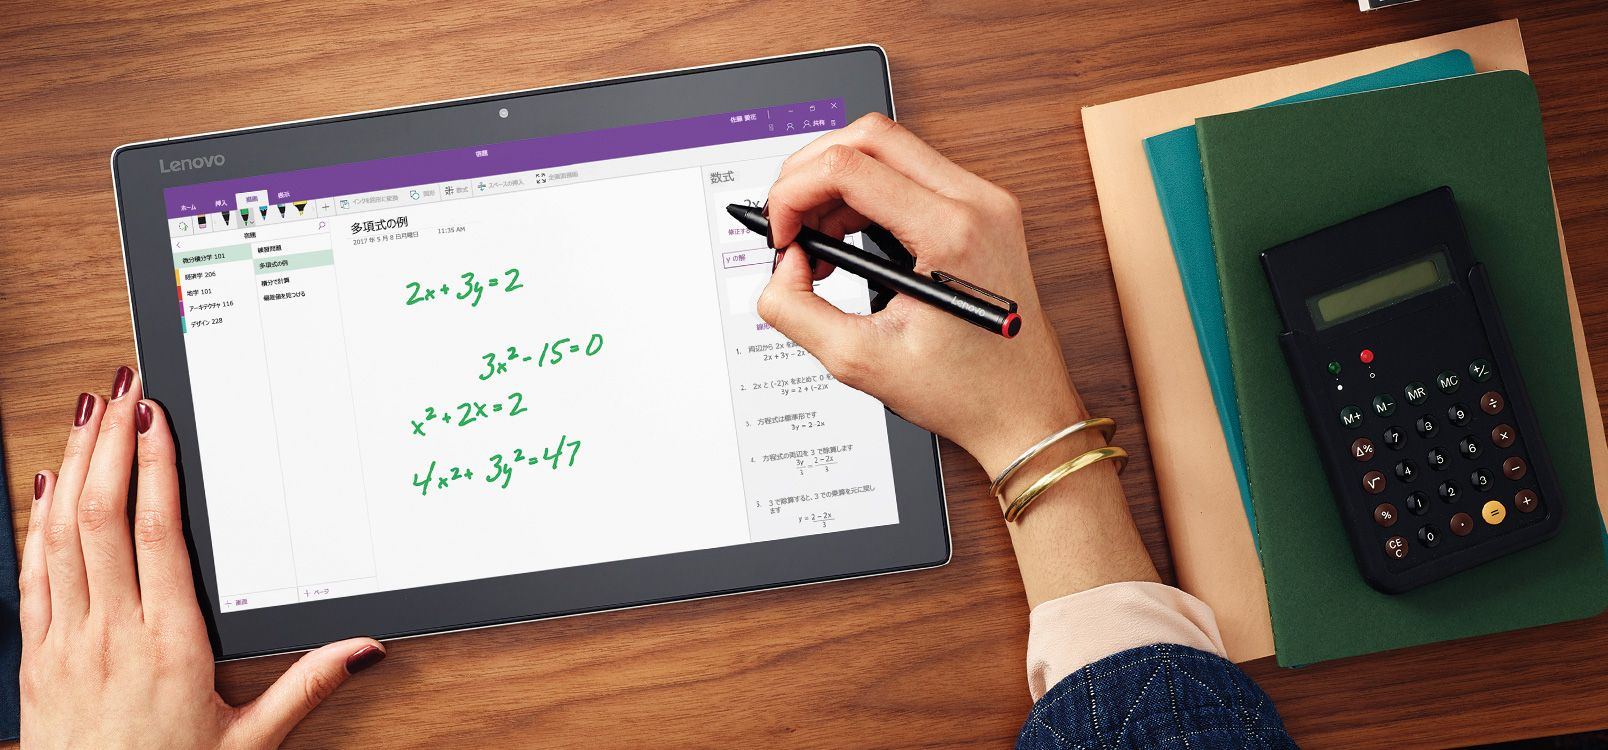 タブレットの画面に OneNote が表示されており、インク数式アシスタントを使用中です